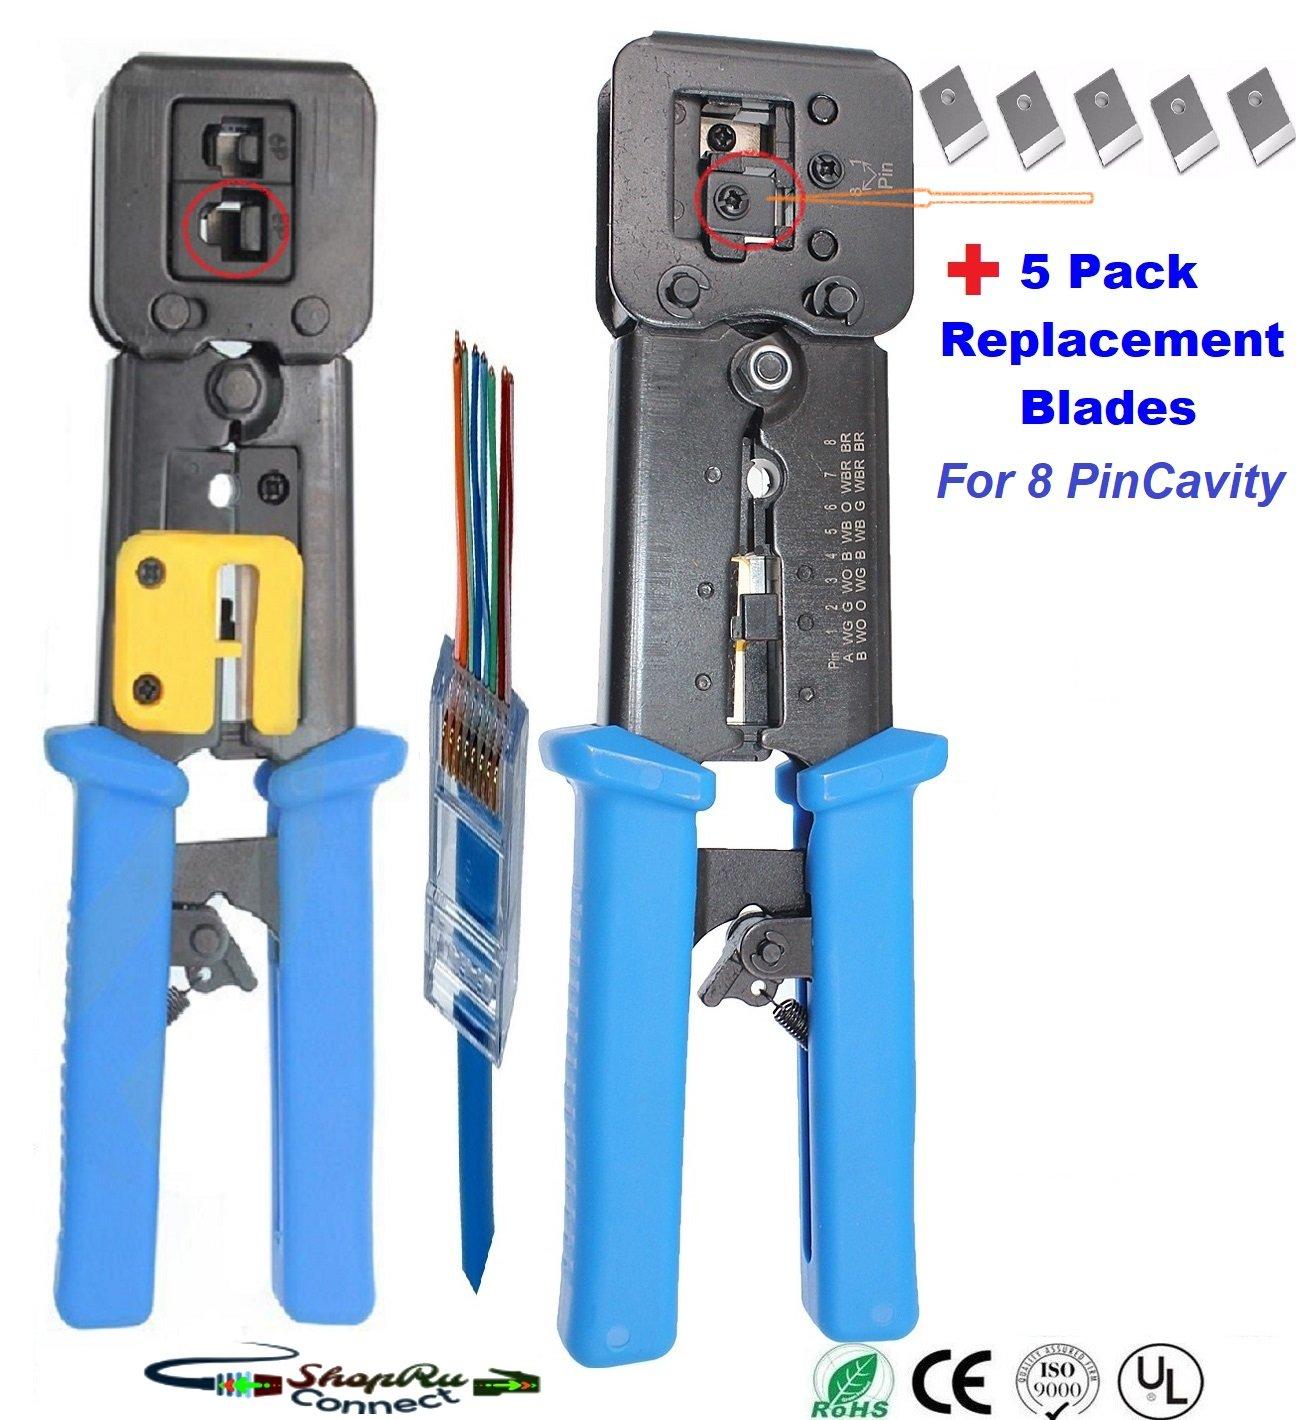 ボーナス5パック( rj45 8ピンキャビティ)ブレード交換コンボパックProfessional Heavy Dutyクリンプツール、クリンプカッターrj11 rj12、rj45コネクタ圧着ツールワイヤカッター、ケーブルストリッパー B07B42CQD8